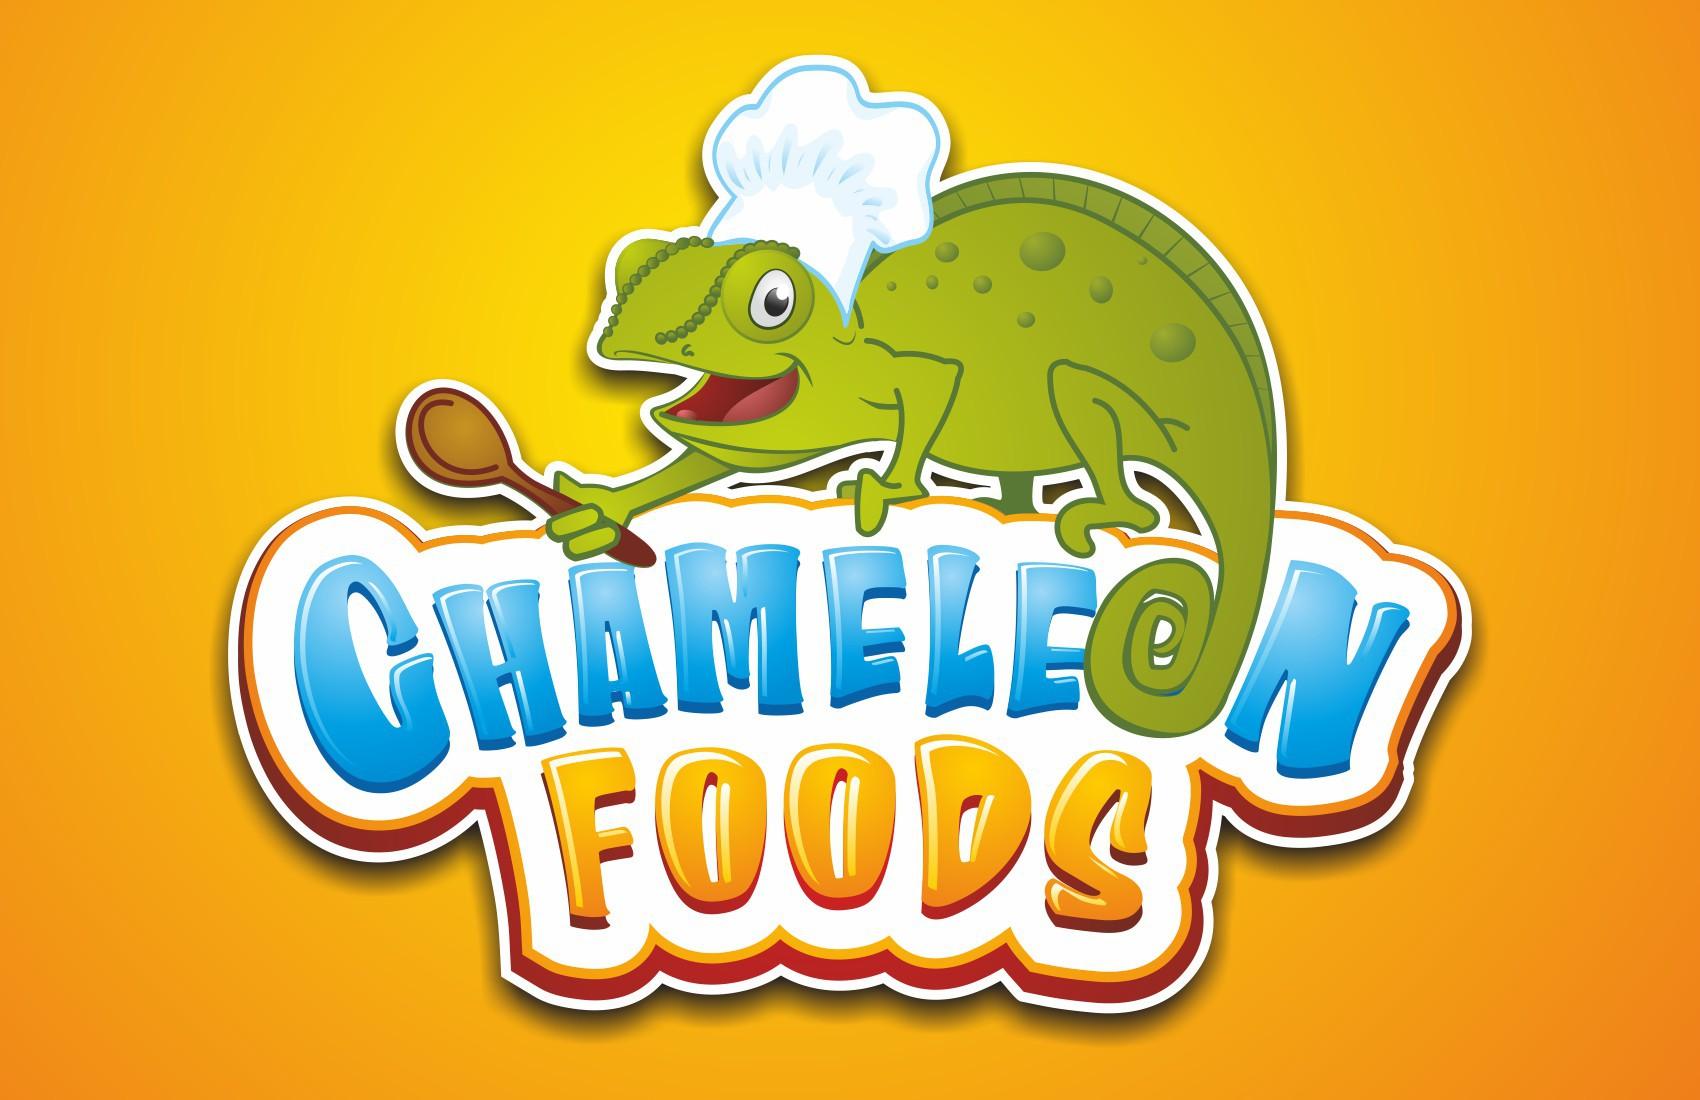 Chameleon Foods needs a Food Truck logo